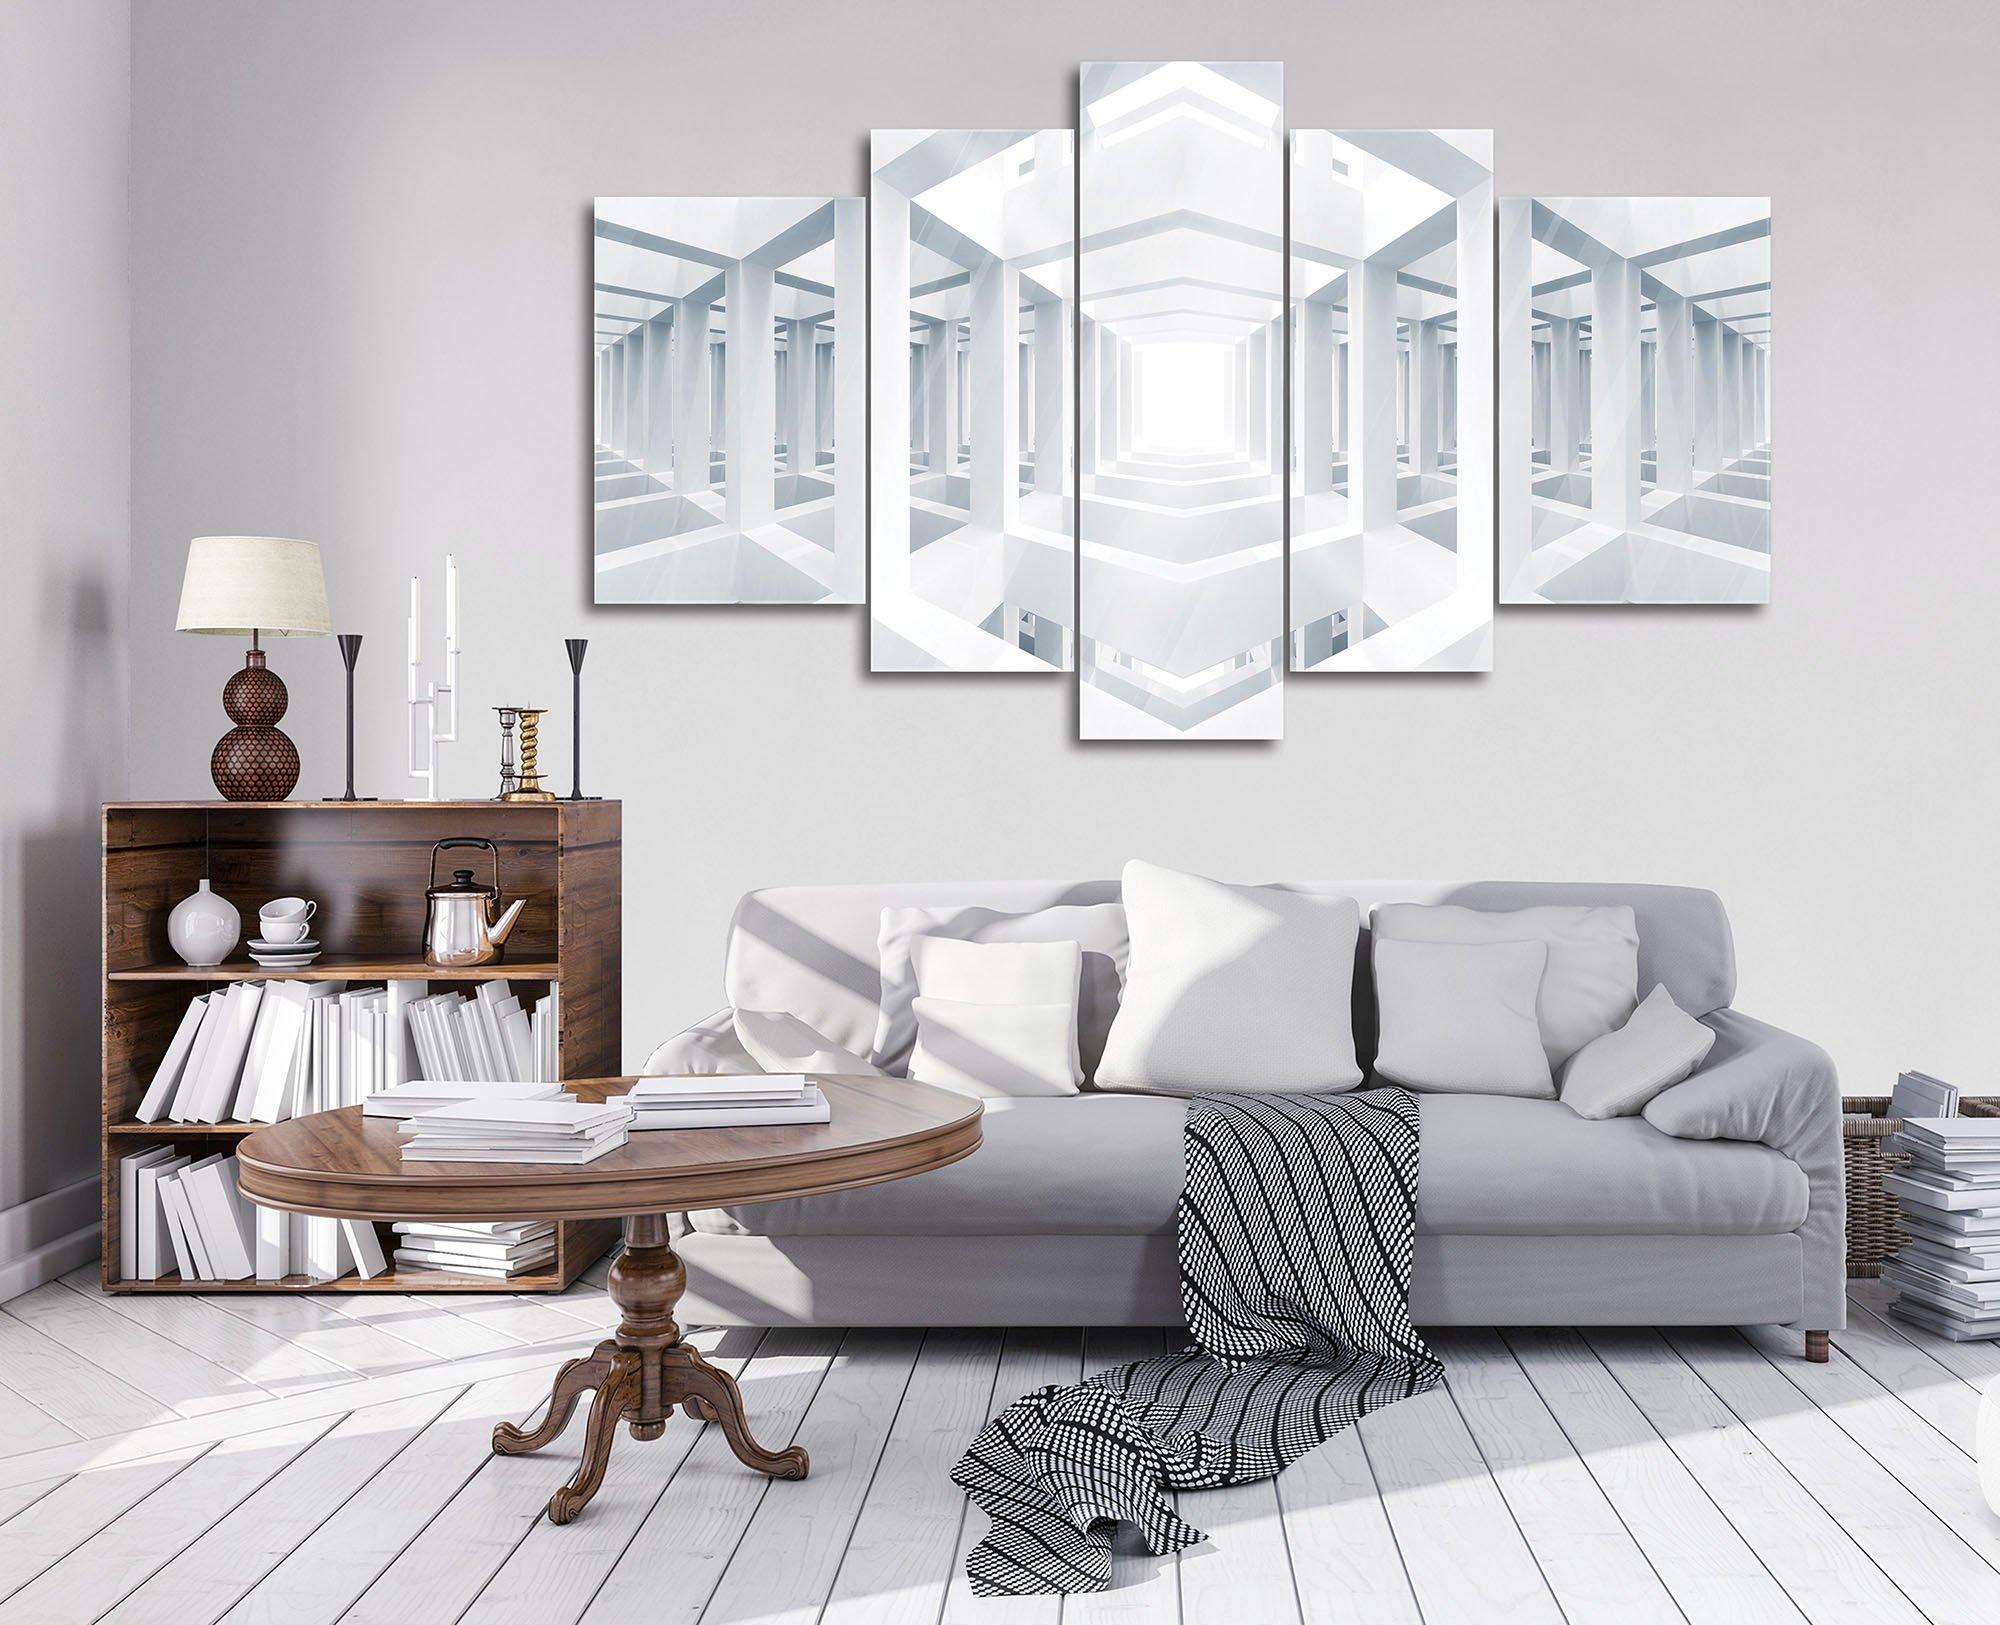 glasbild mit wei em spiegelraum weltderbilder. Black Bedroom Furniture Sets. Home Design Ideas